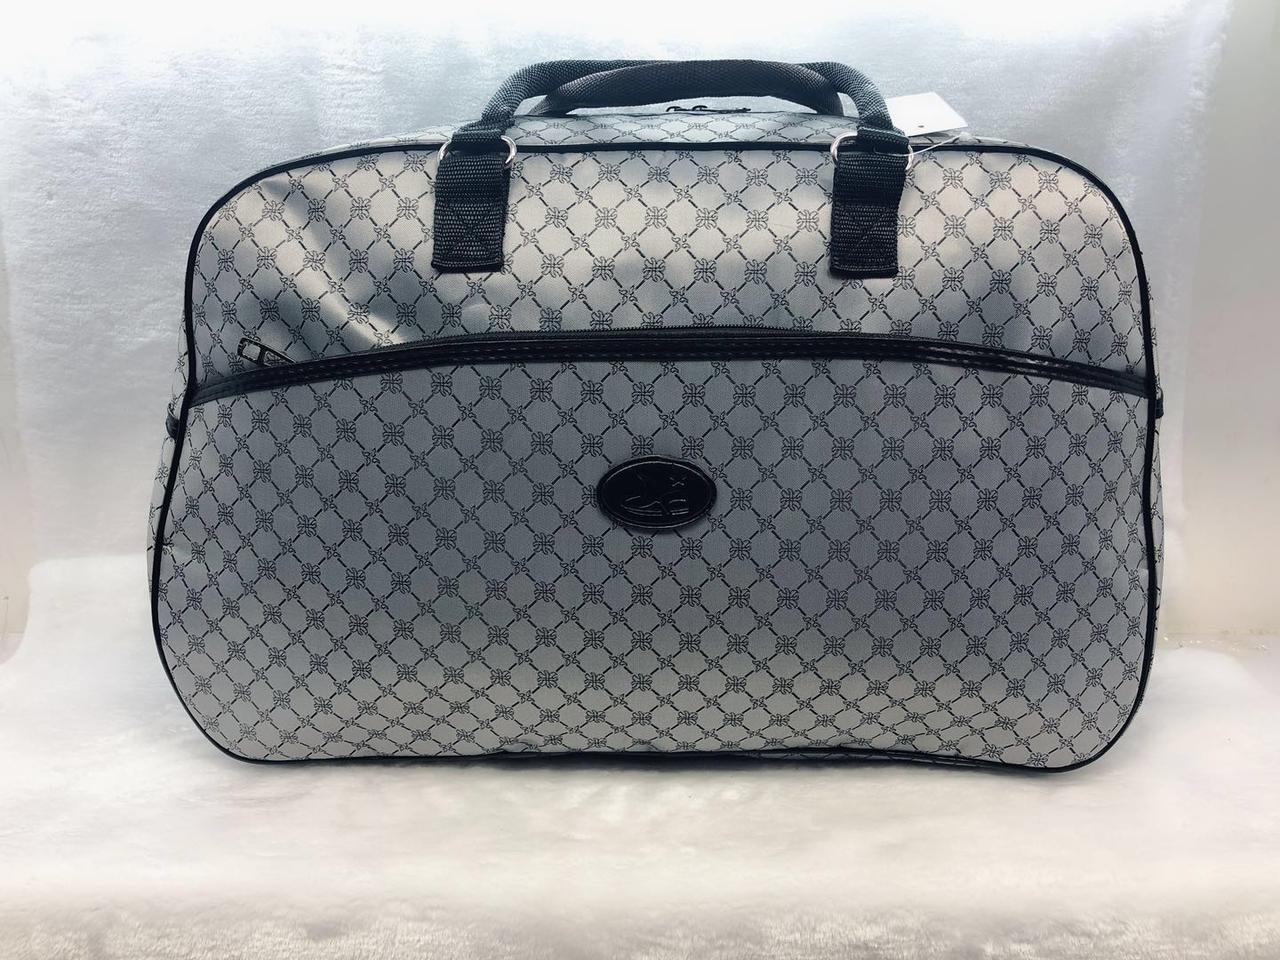 Сіра жіноча дорожня сумка-саквояж містка текстильна